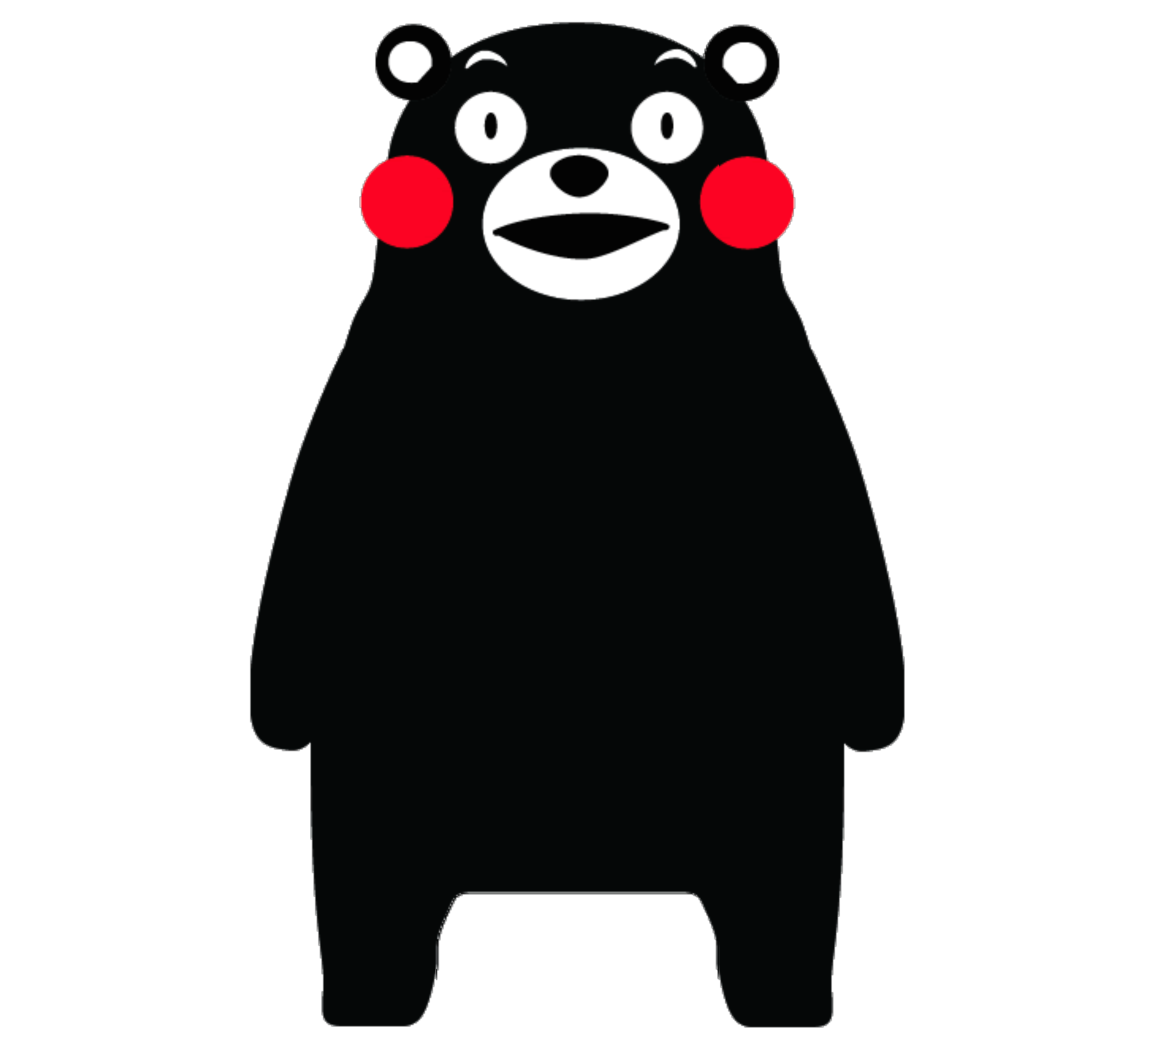 日本企業の商品のオススメpart11